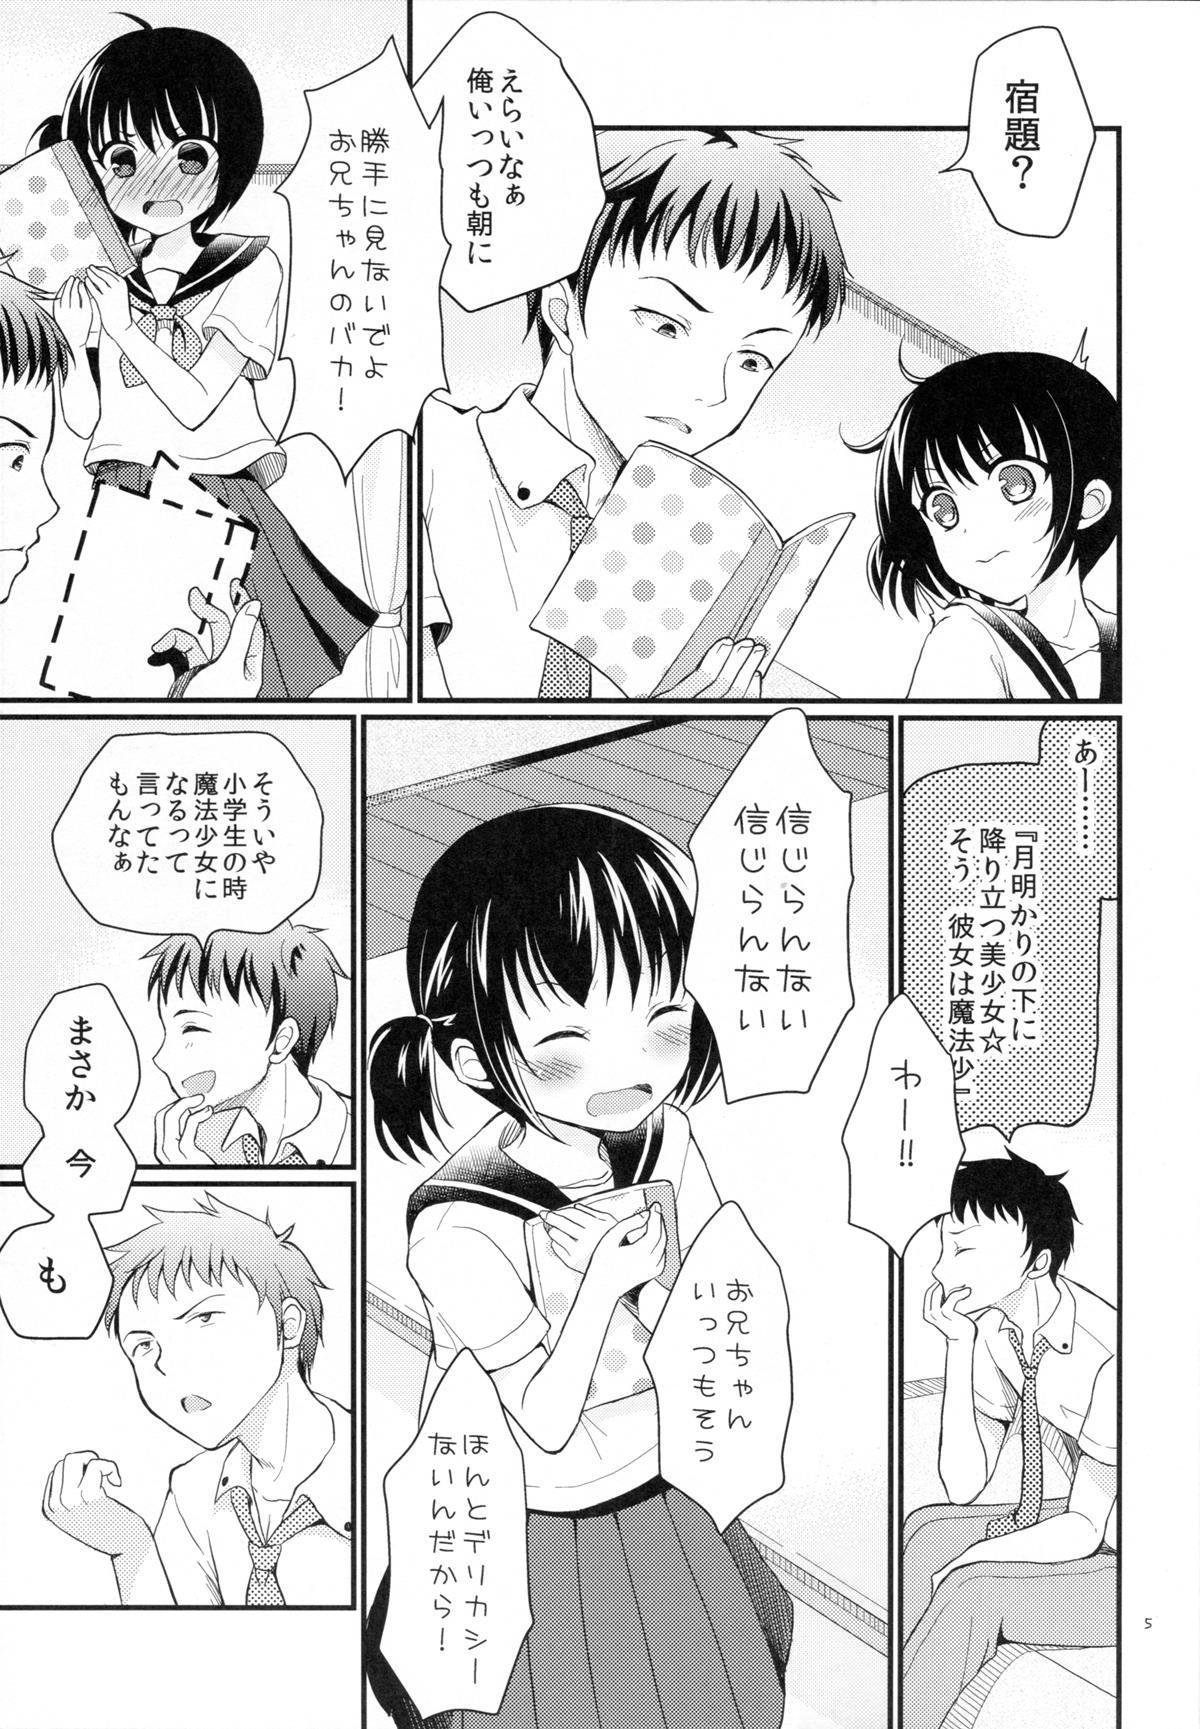 【エロ漫画・エロ同人誌】ロリJCの妹が密着してくるからムラムラしてきちゃってエッチしますたwww (5)